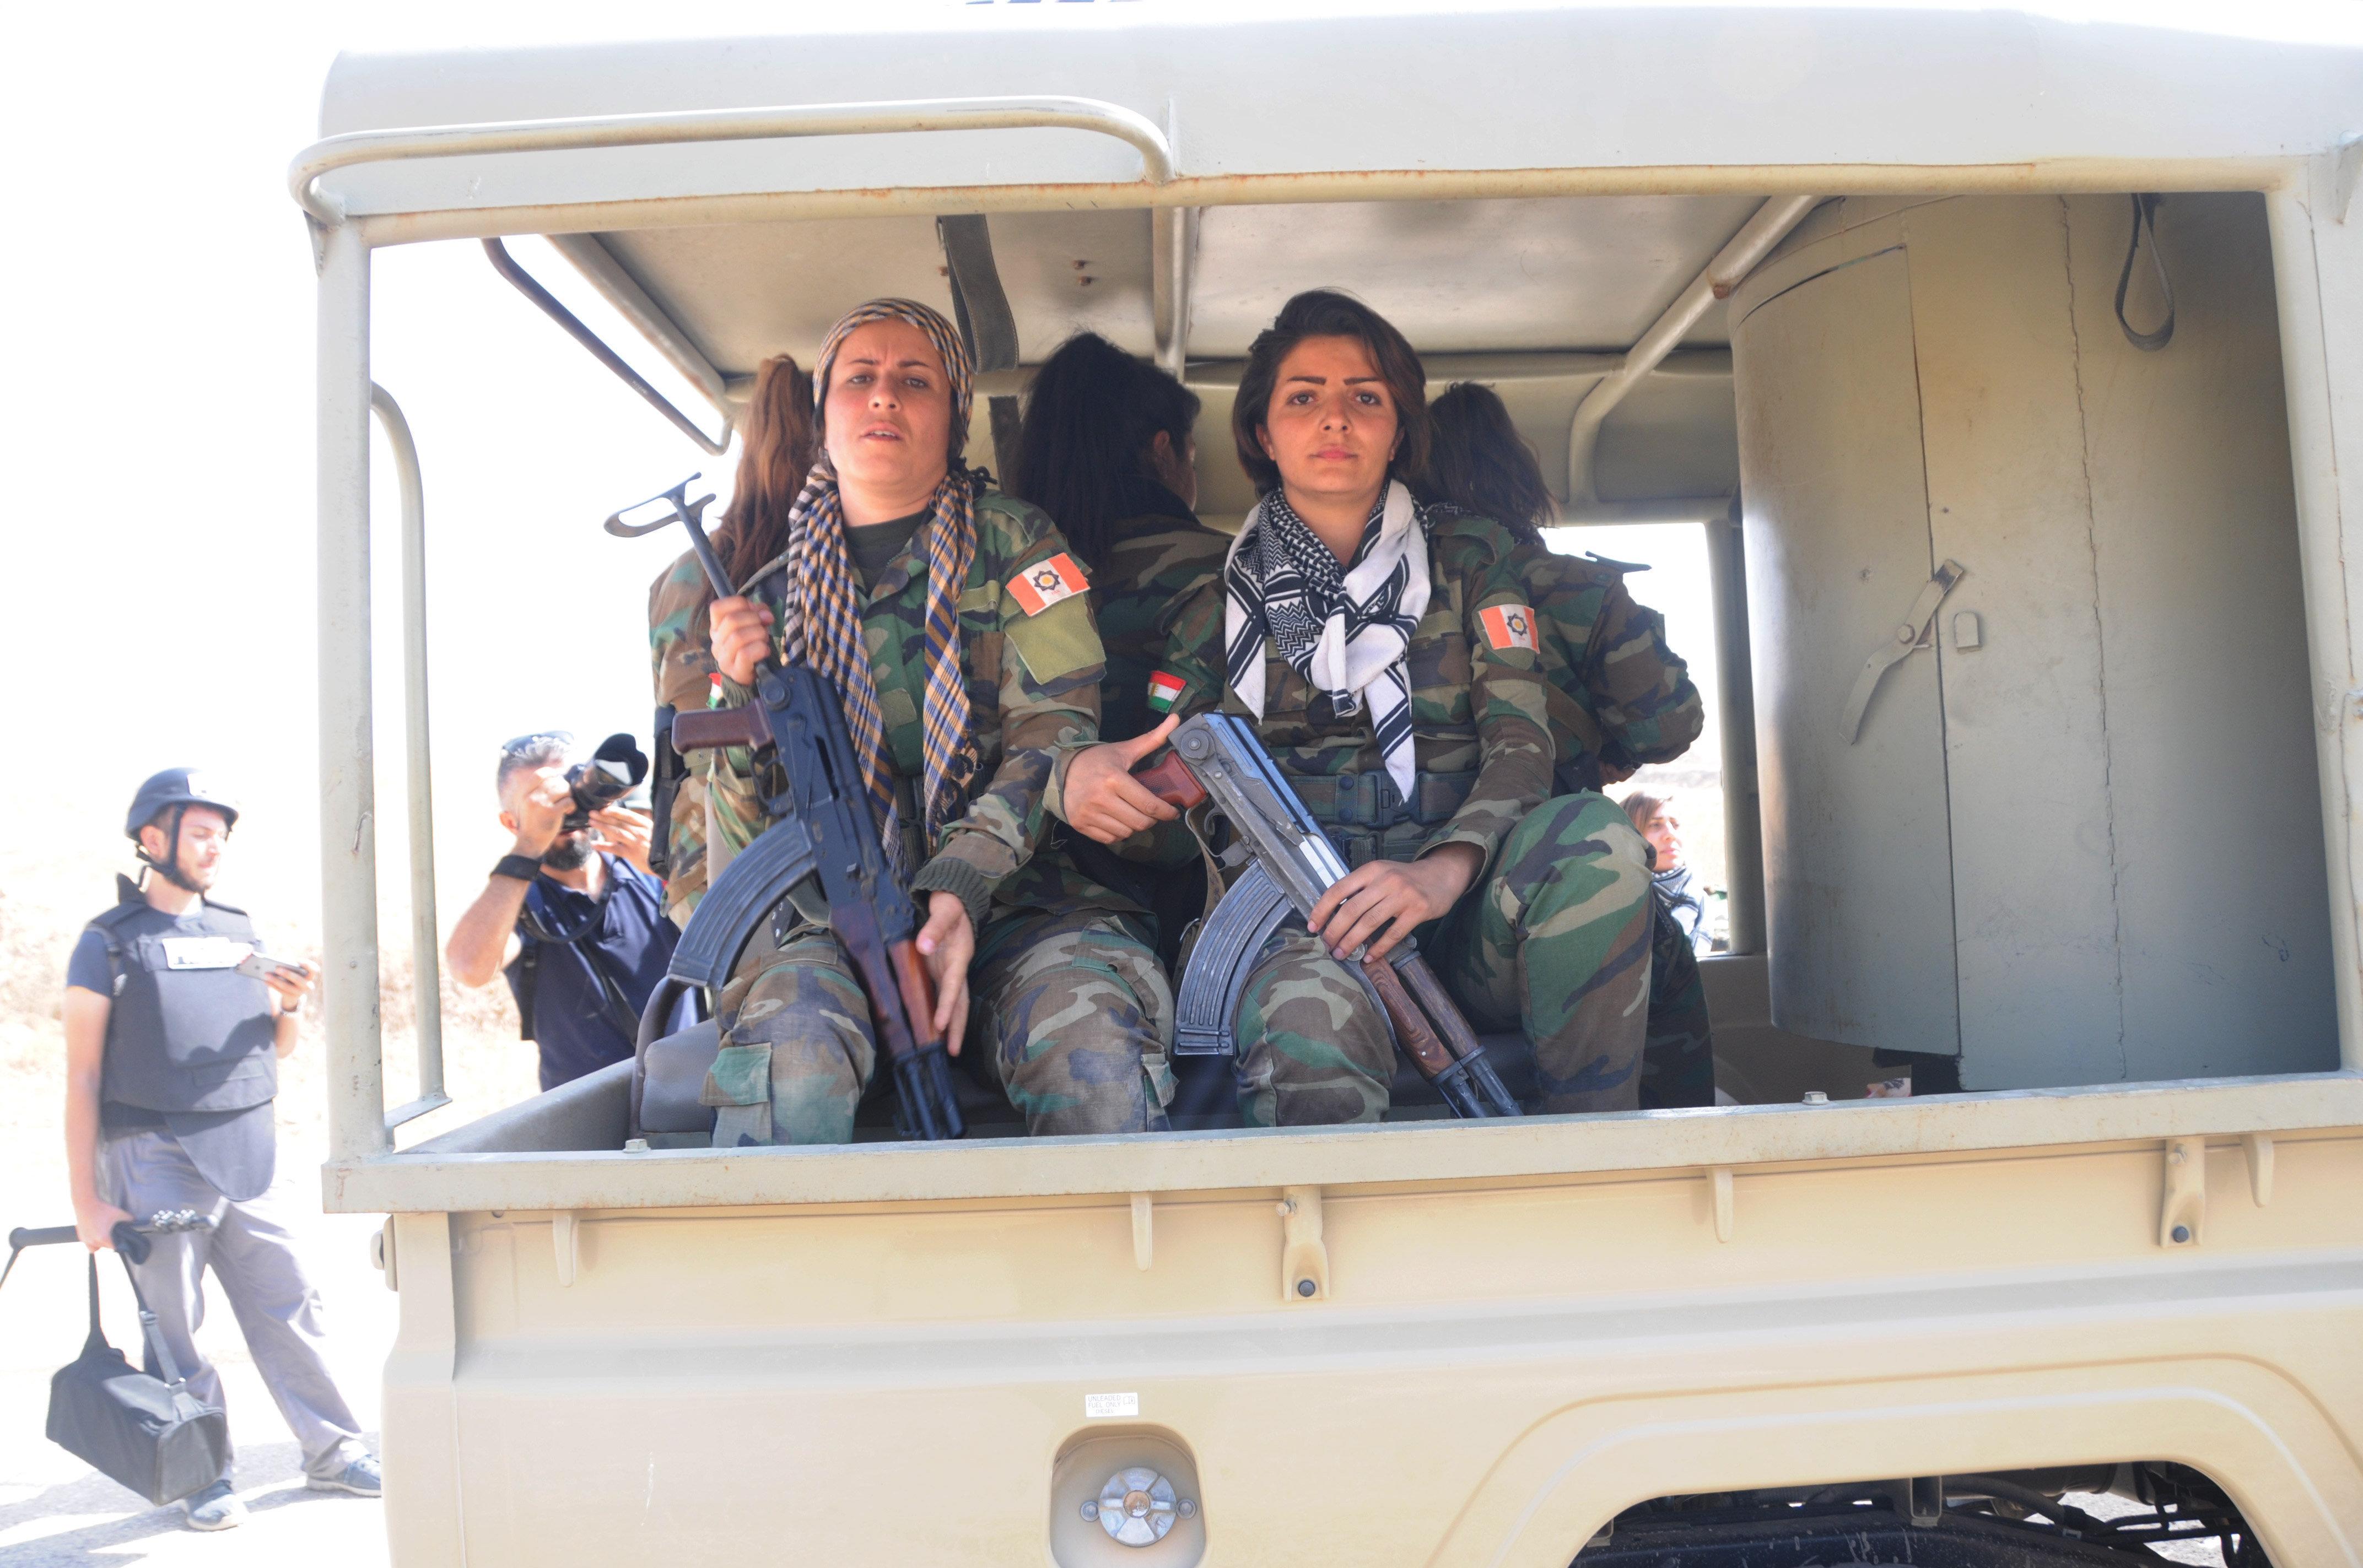 Combatentes de unidades de mulheres peshmerga antes do combate contra o Daesh em Mossul, Iraque, outubro de 2016